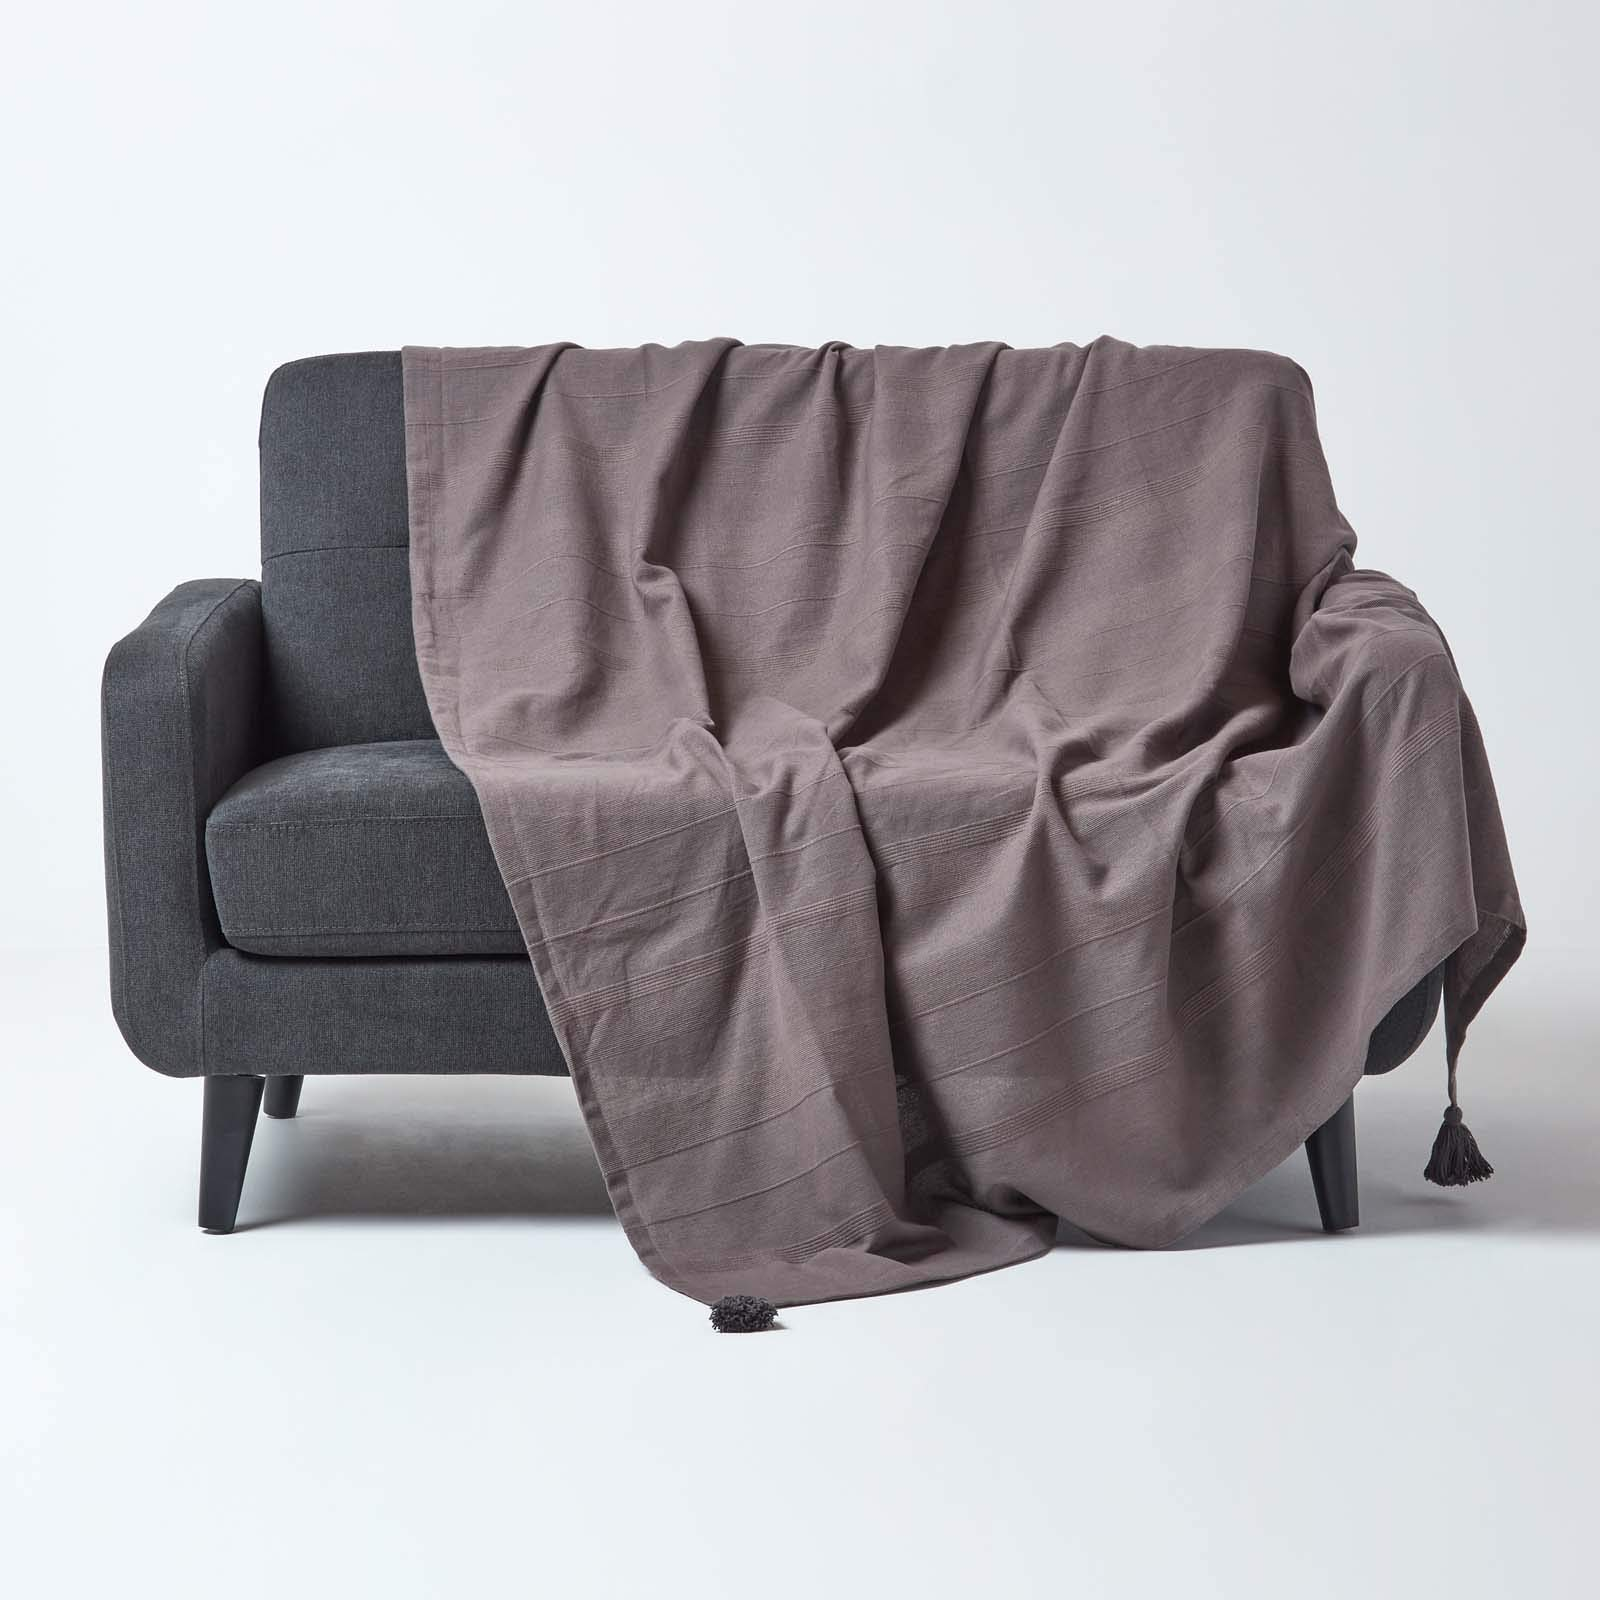 Homescapes Rajput Colcha para cama o sofá, 100% algodón, color ...